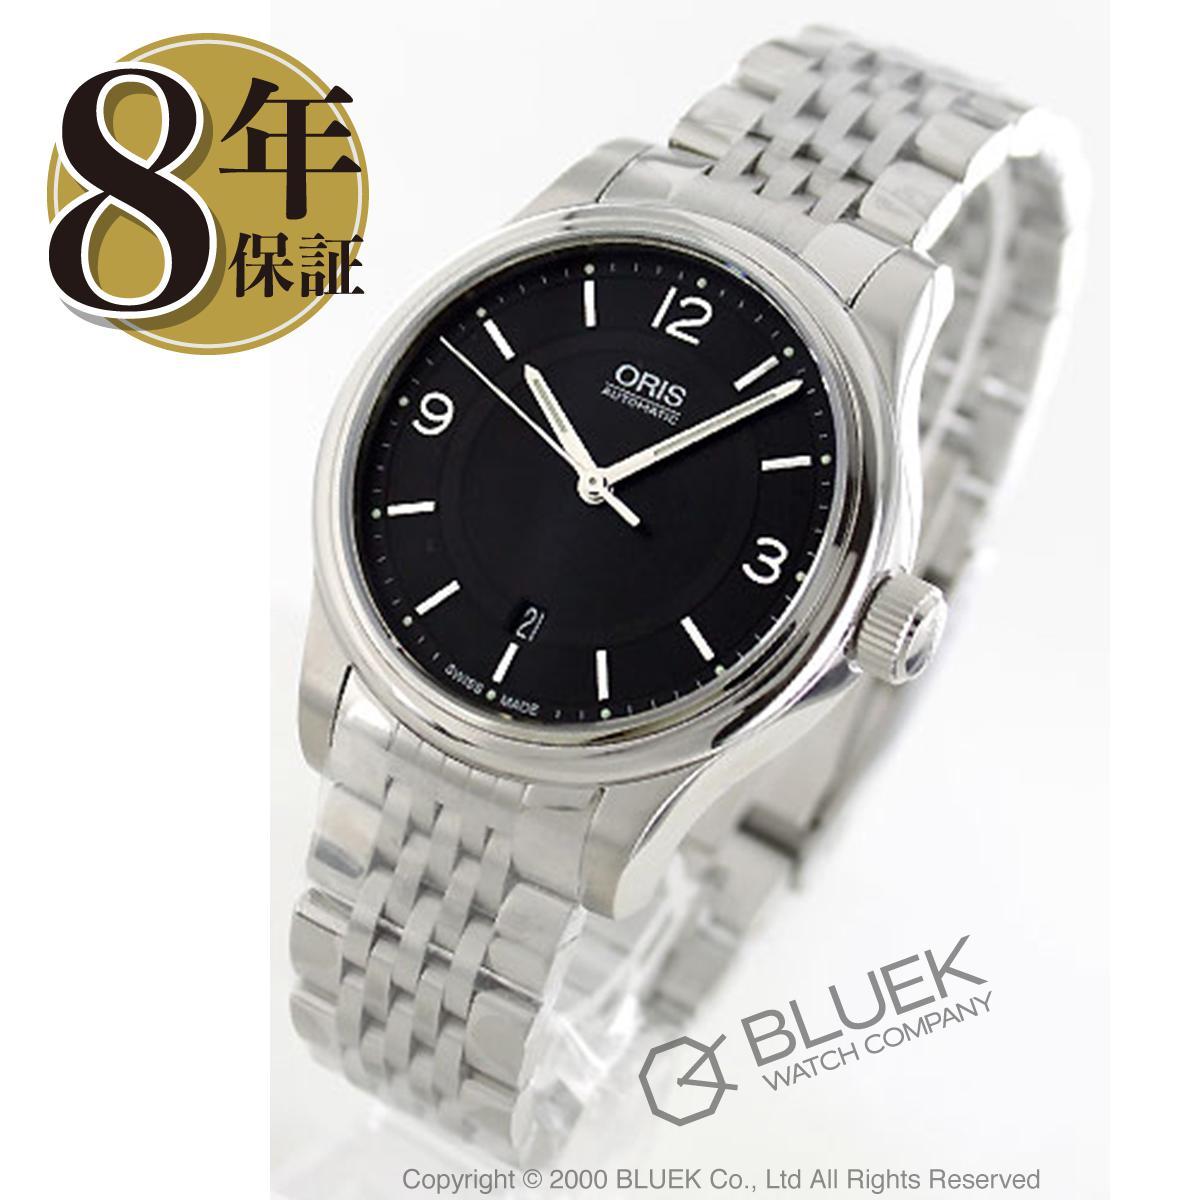 オリス ORIS 腕時計 クラシック メンズ 733 7594 4034M_8